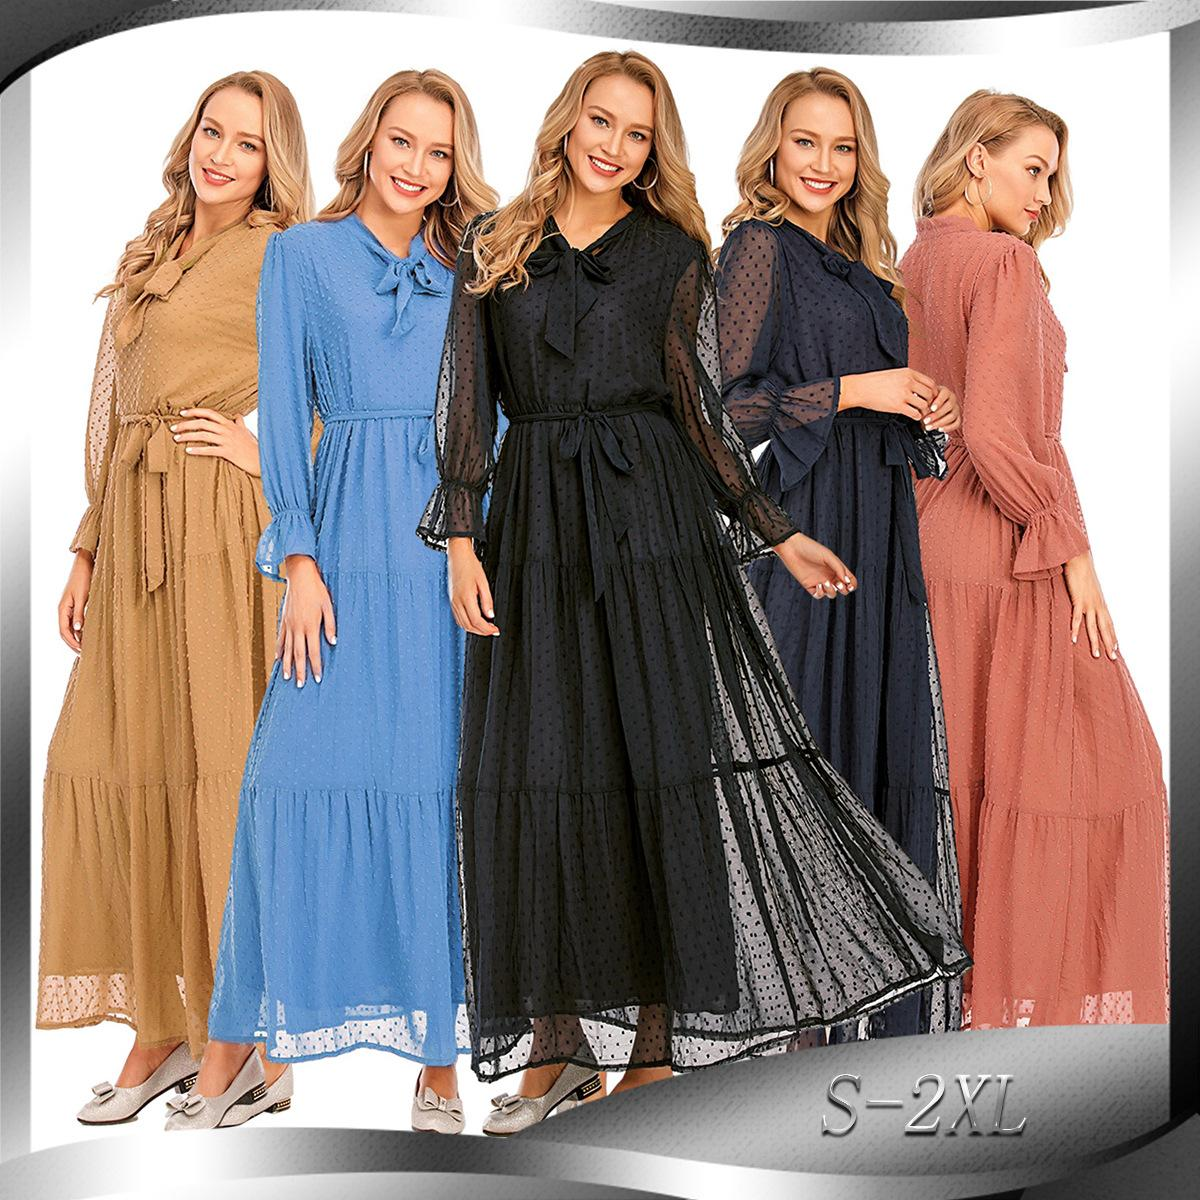 2020 приграничного Плюс Размера Кафтан Абай Дубай Хиджаб мусульманского платья Кафтан Marocain турецкого платье джилбаб Abayas для женщин Ислам платье